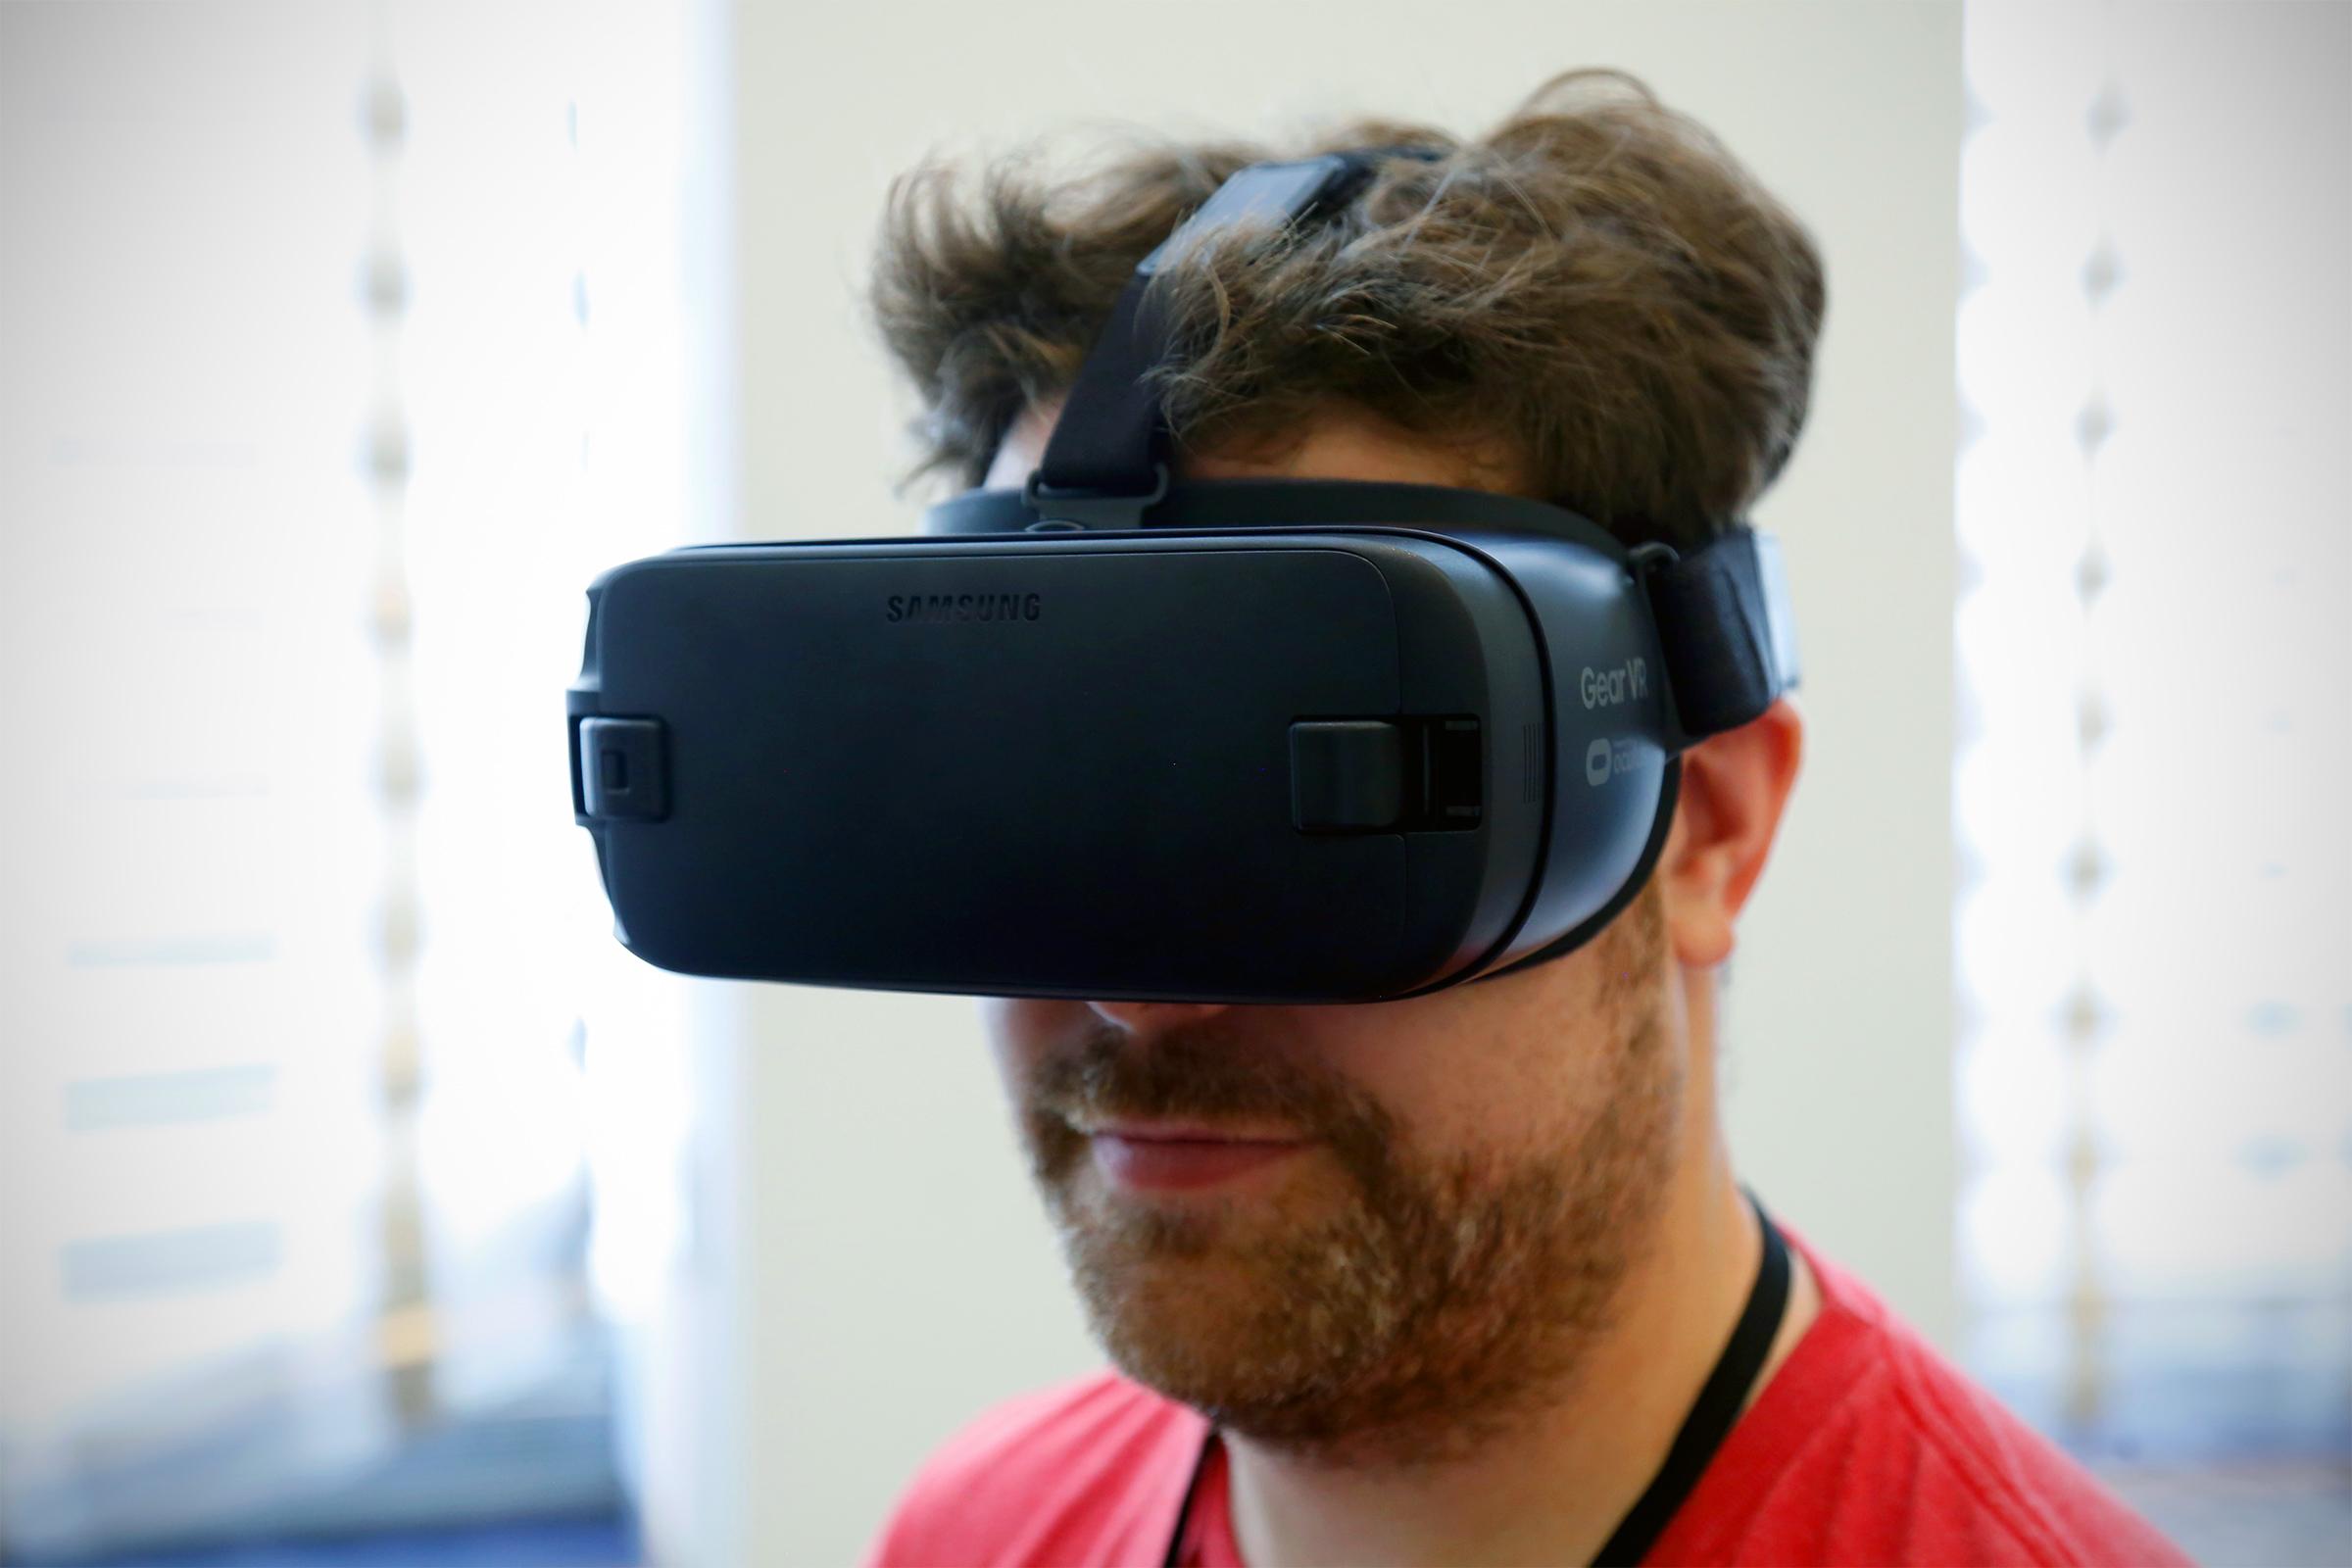 سامسونج تكشف عن الإصدار الجديد من Gear VR بمجال رؤية 101 درجة